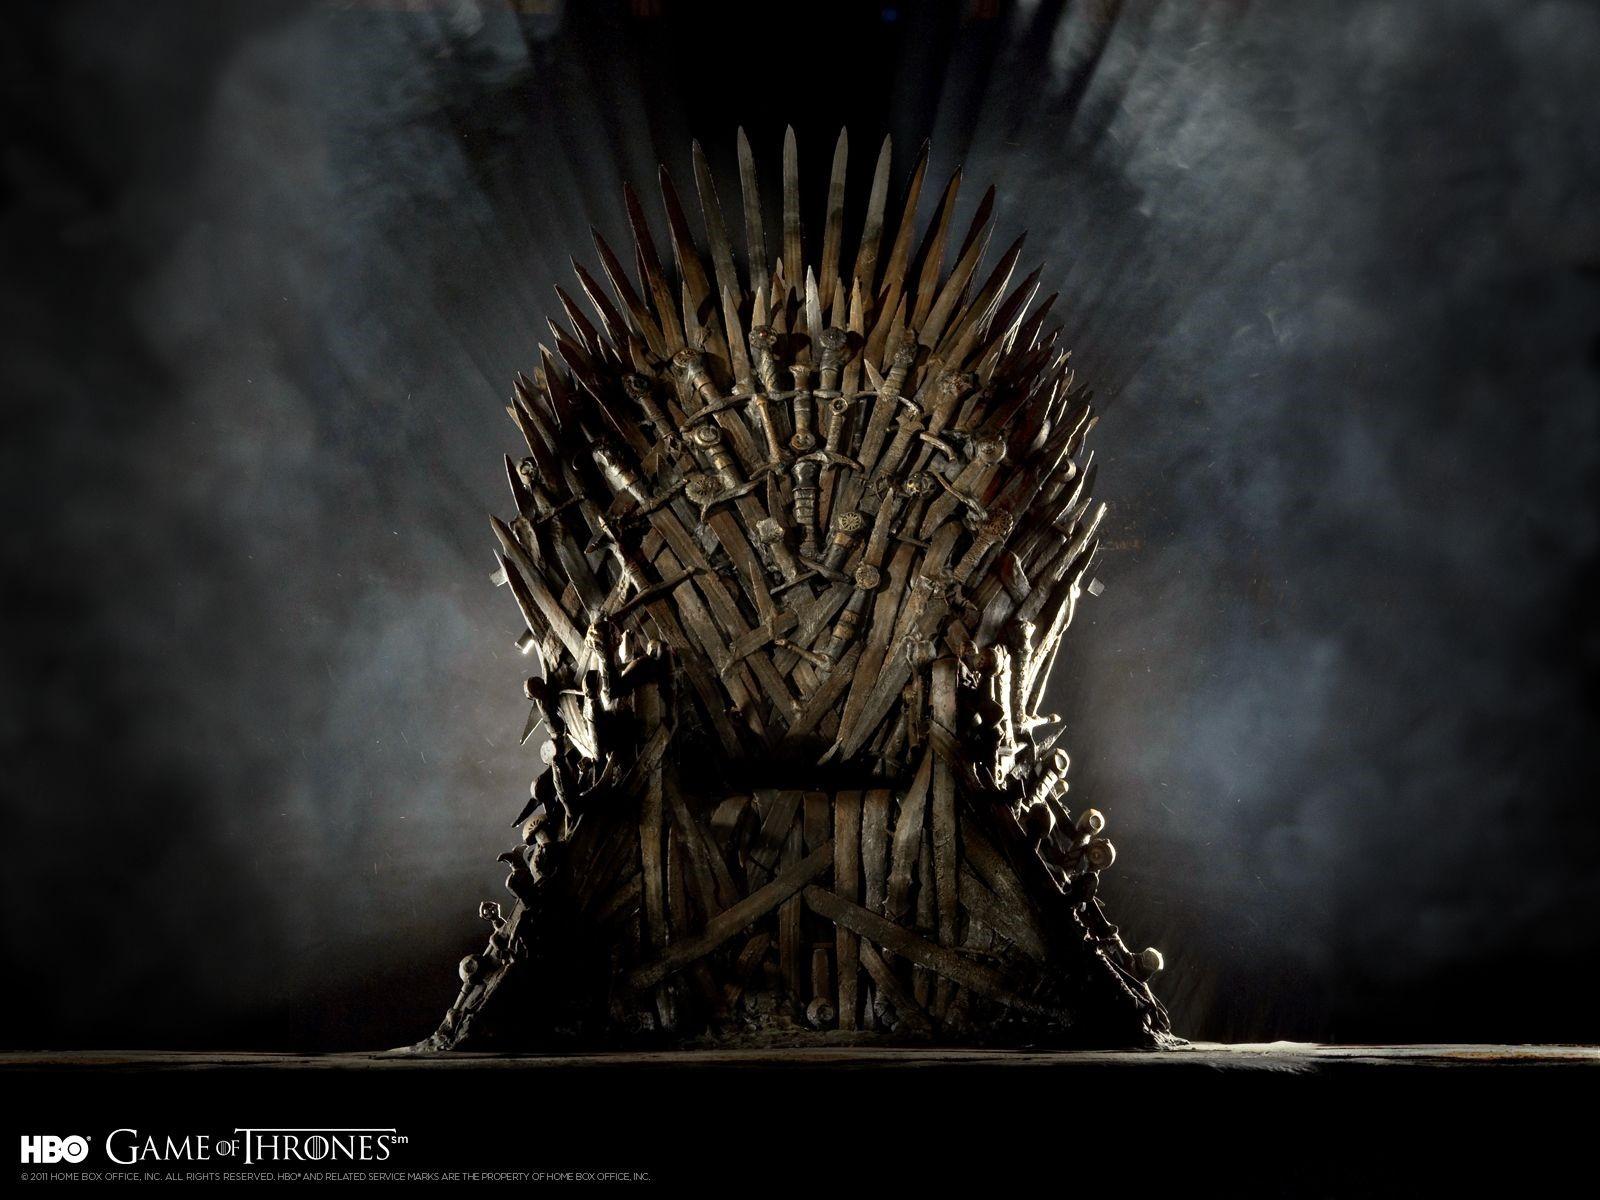 Game of Thrones Desktop Wallpapers